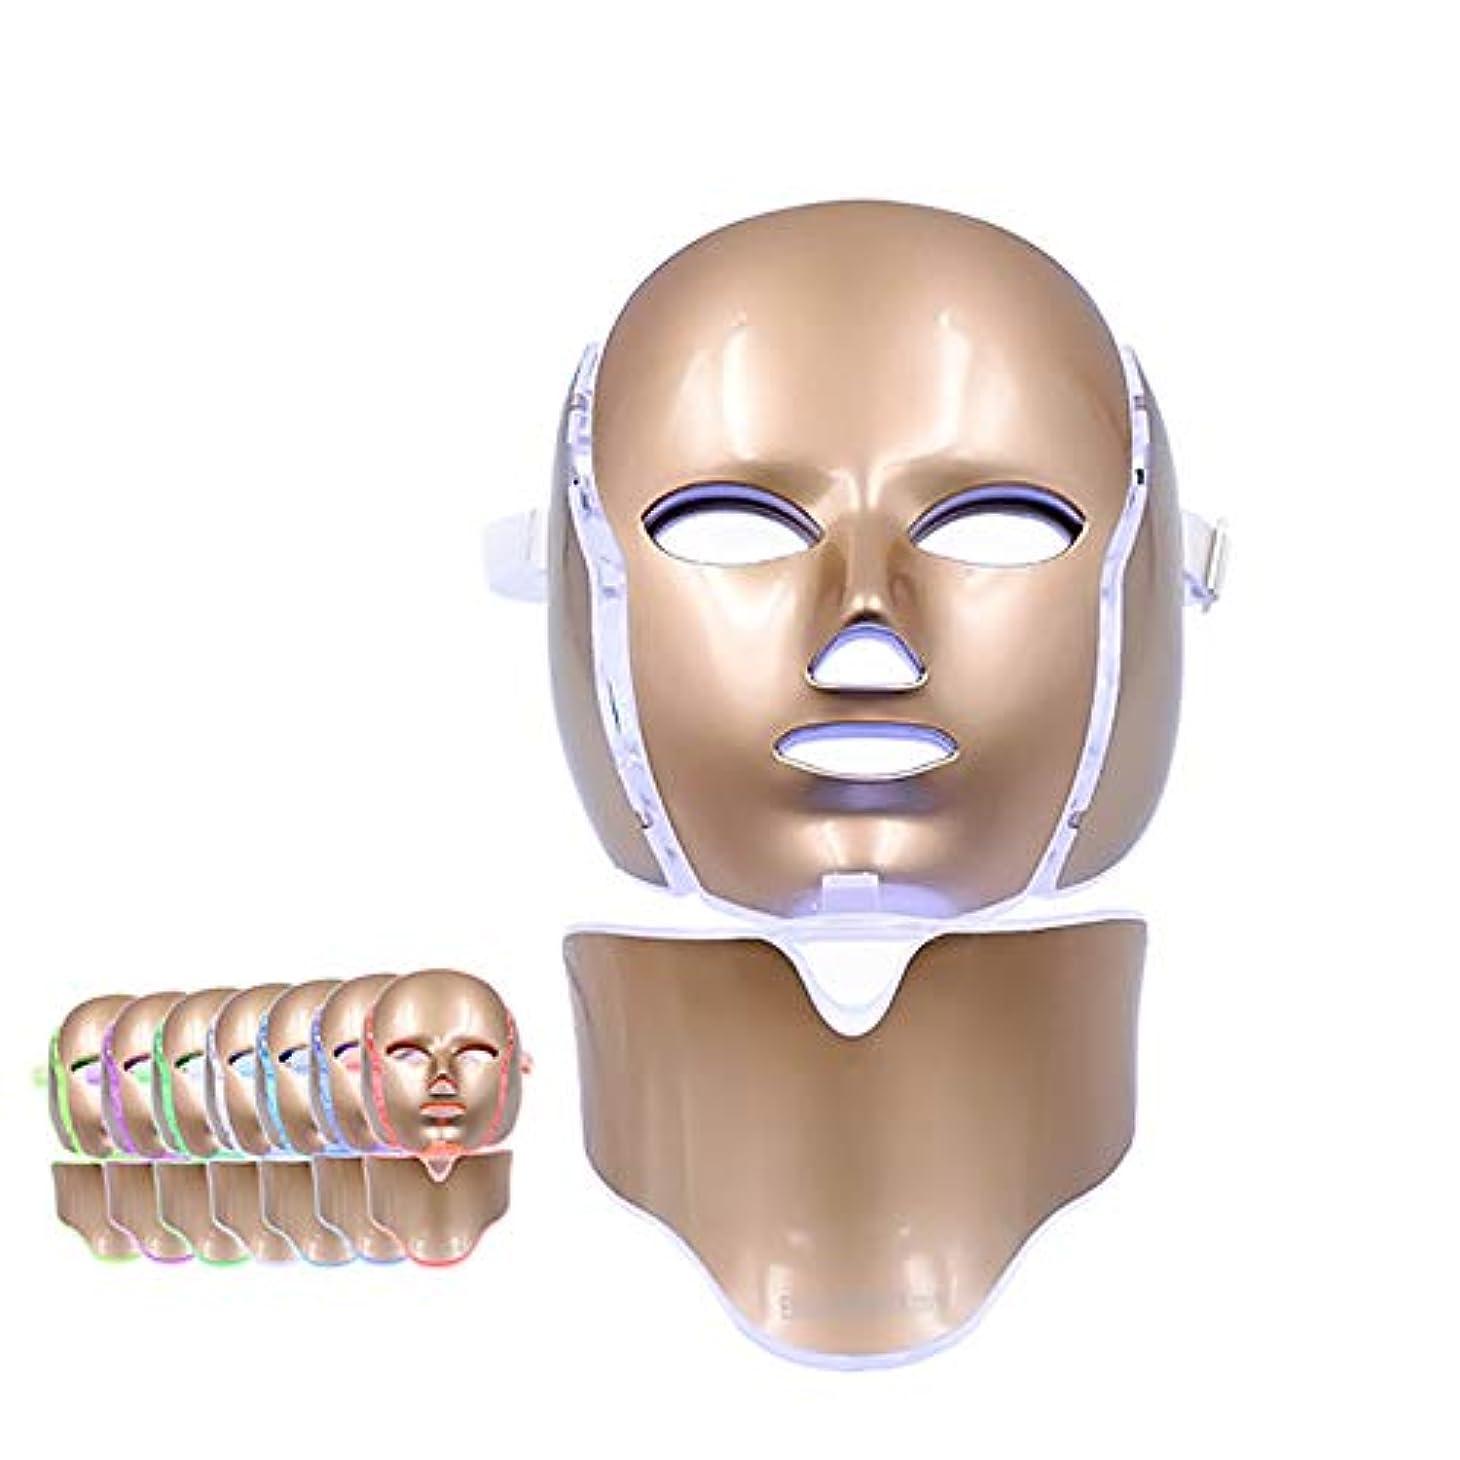 不愉快にエクステントフラグラント7色のスキンケアのマスクの電気顔の皮の若返り療法の顔の心配の反年齢,金